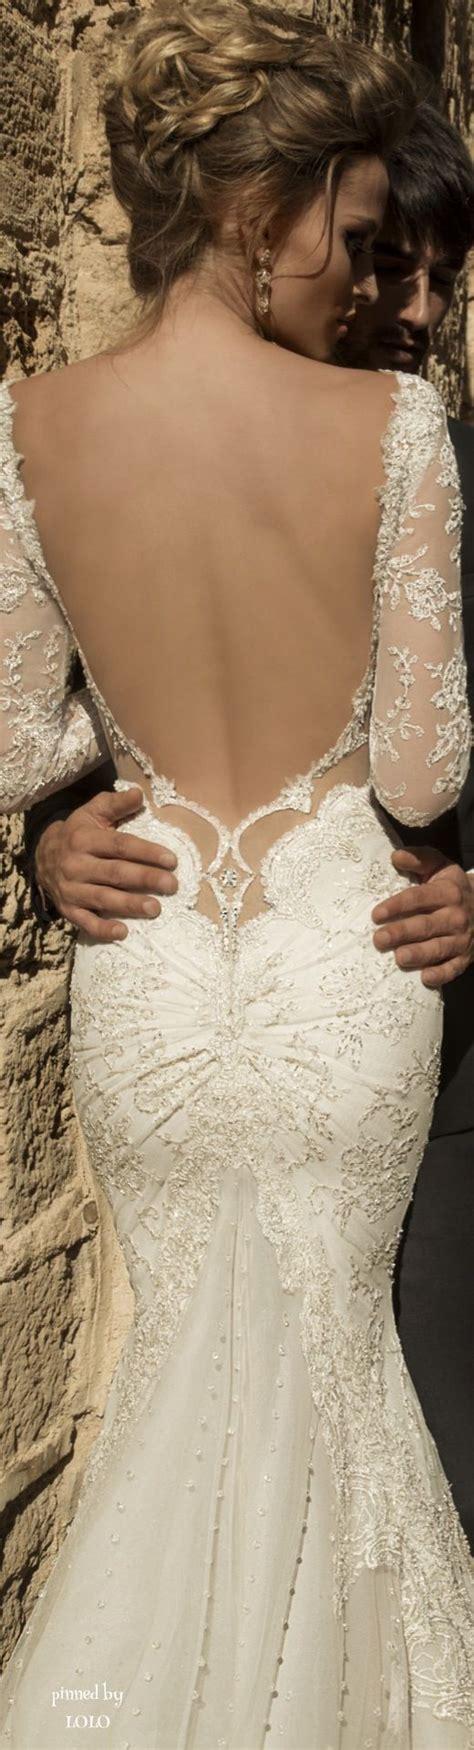 y sutil 6 vestidos espalda expo tu boda